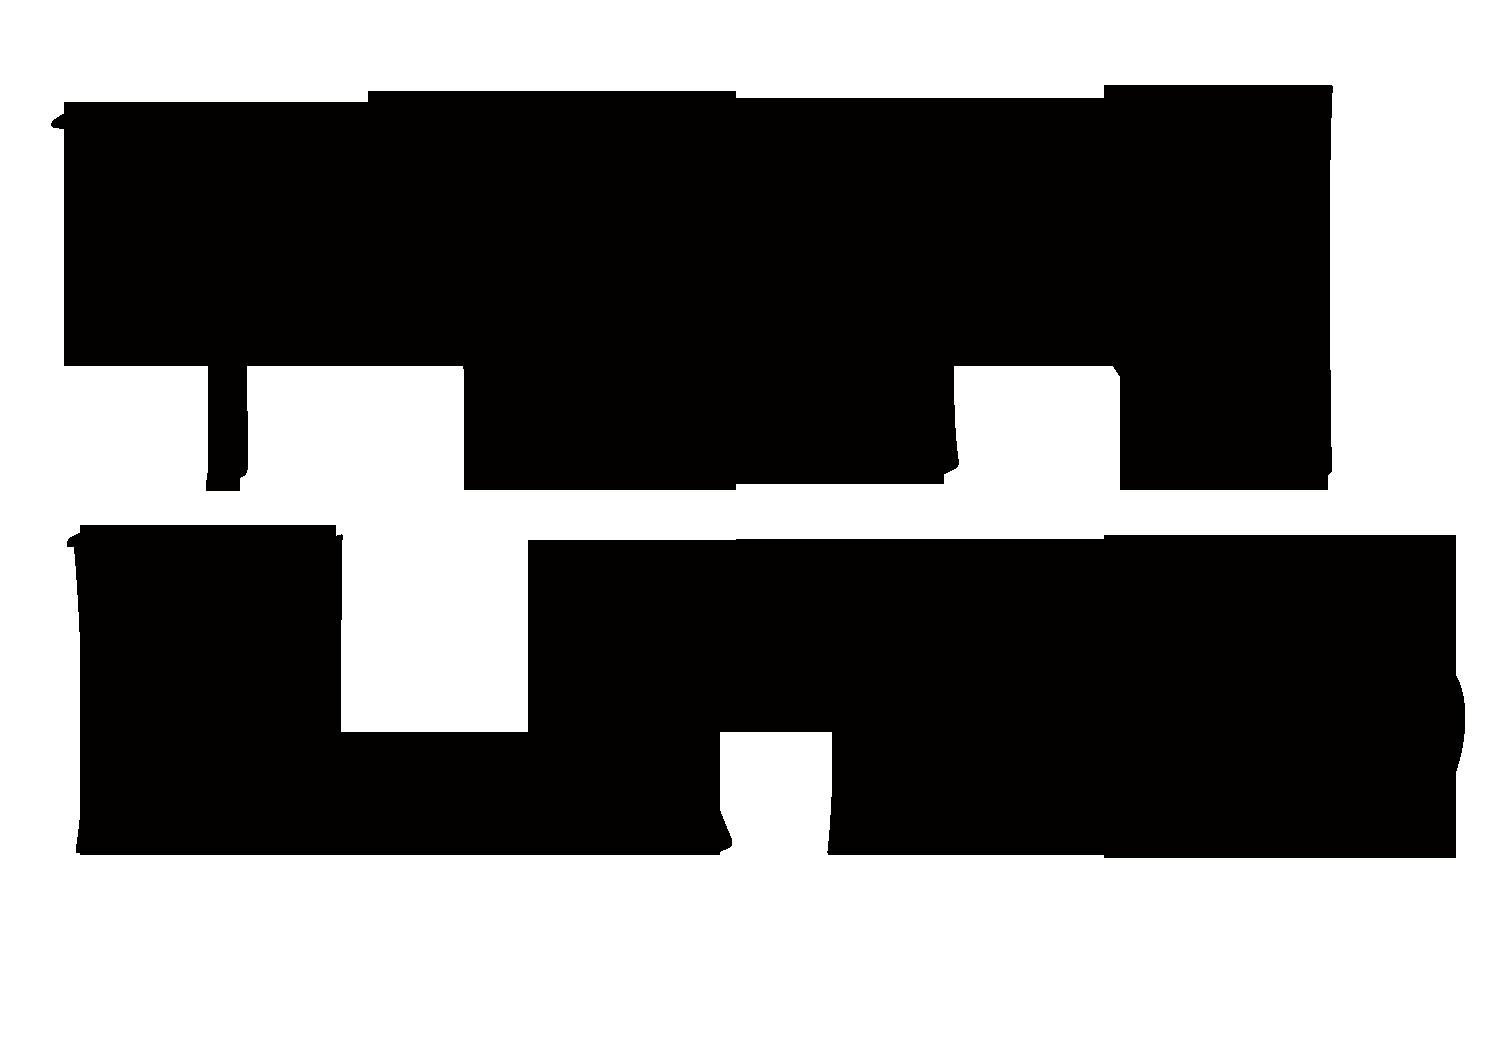 Toni Pilates